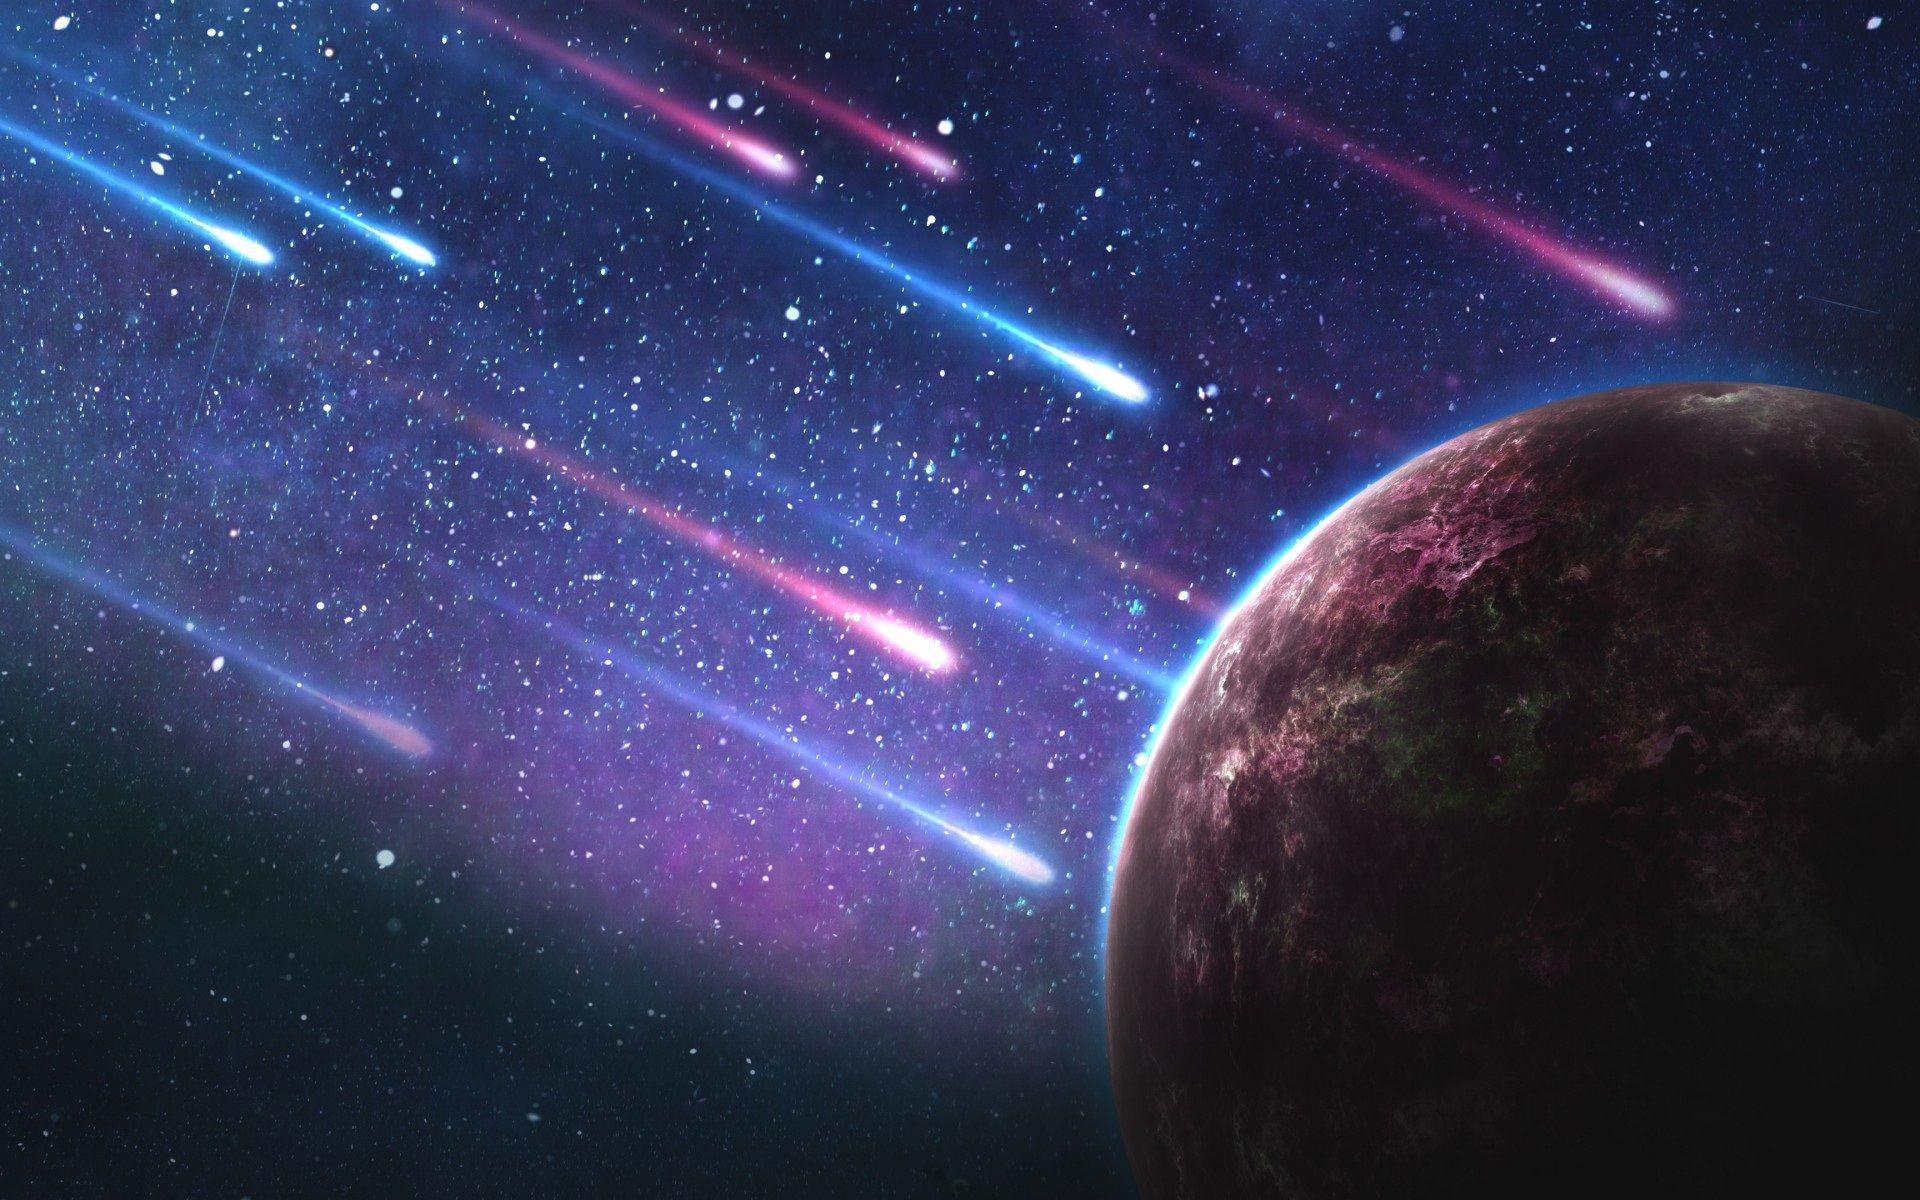 Rainbow Galaxy Wallpapers Top Free Rainbow Galaxy